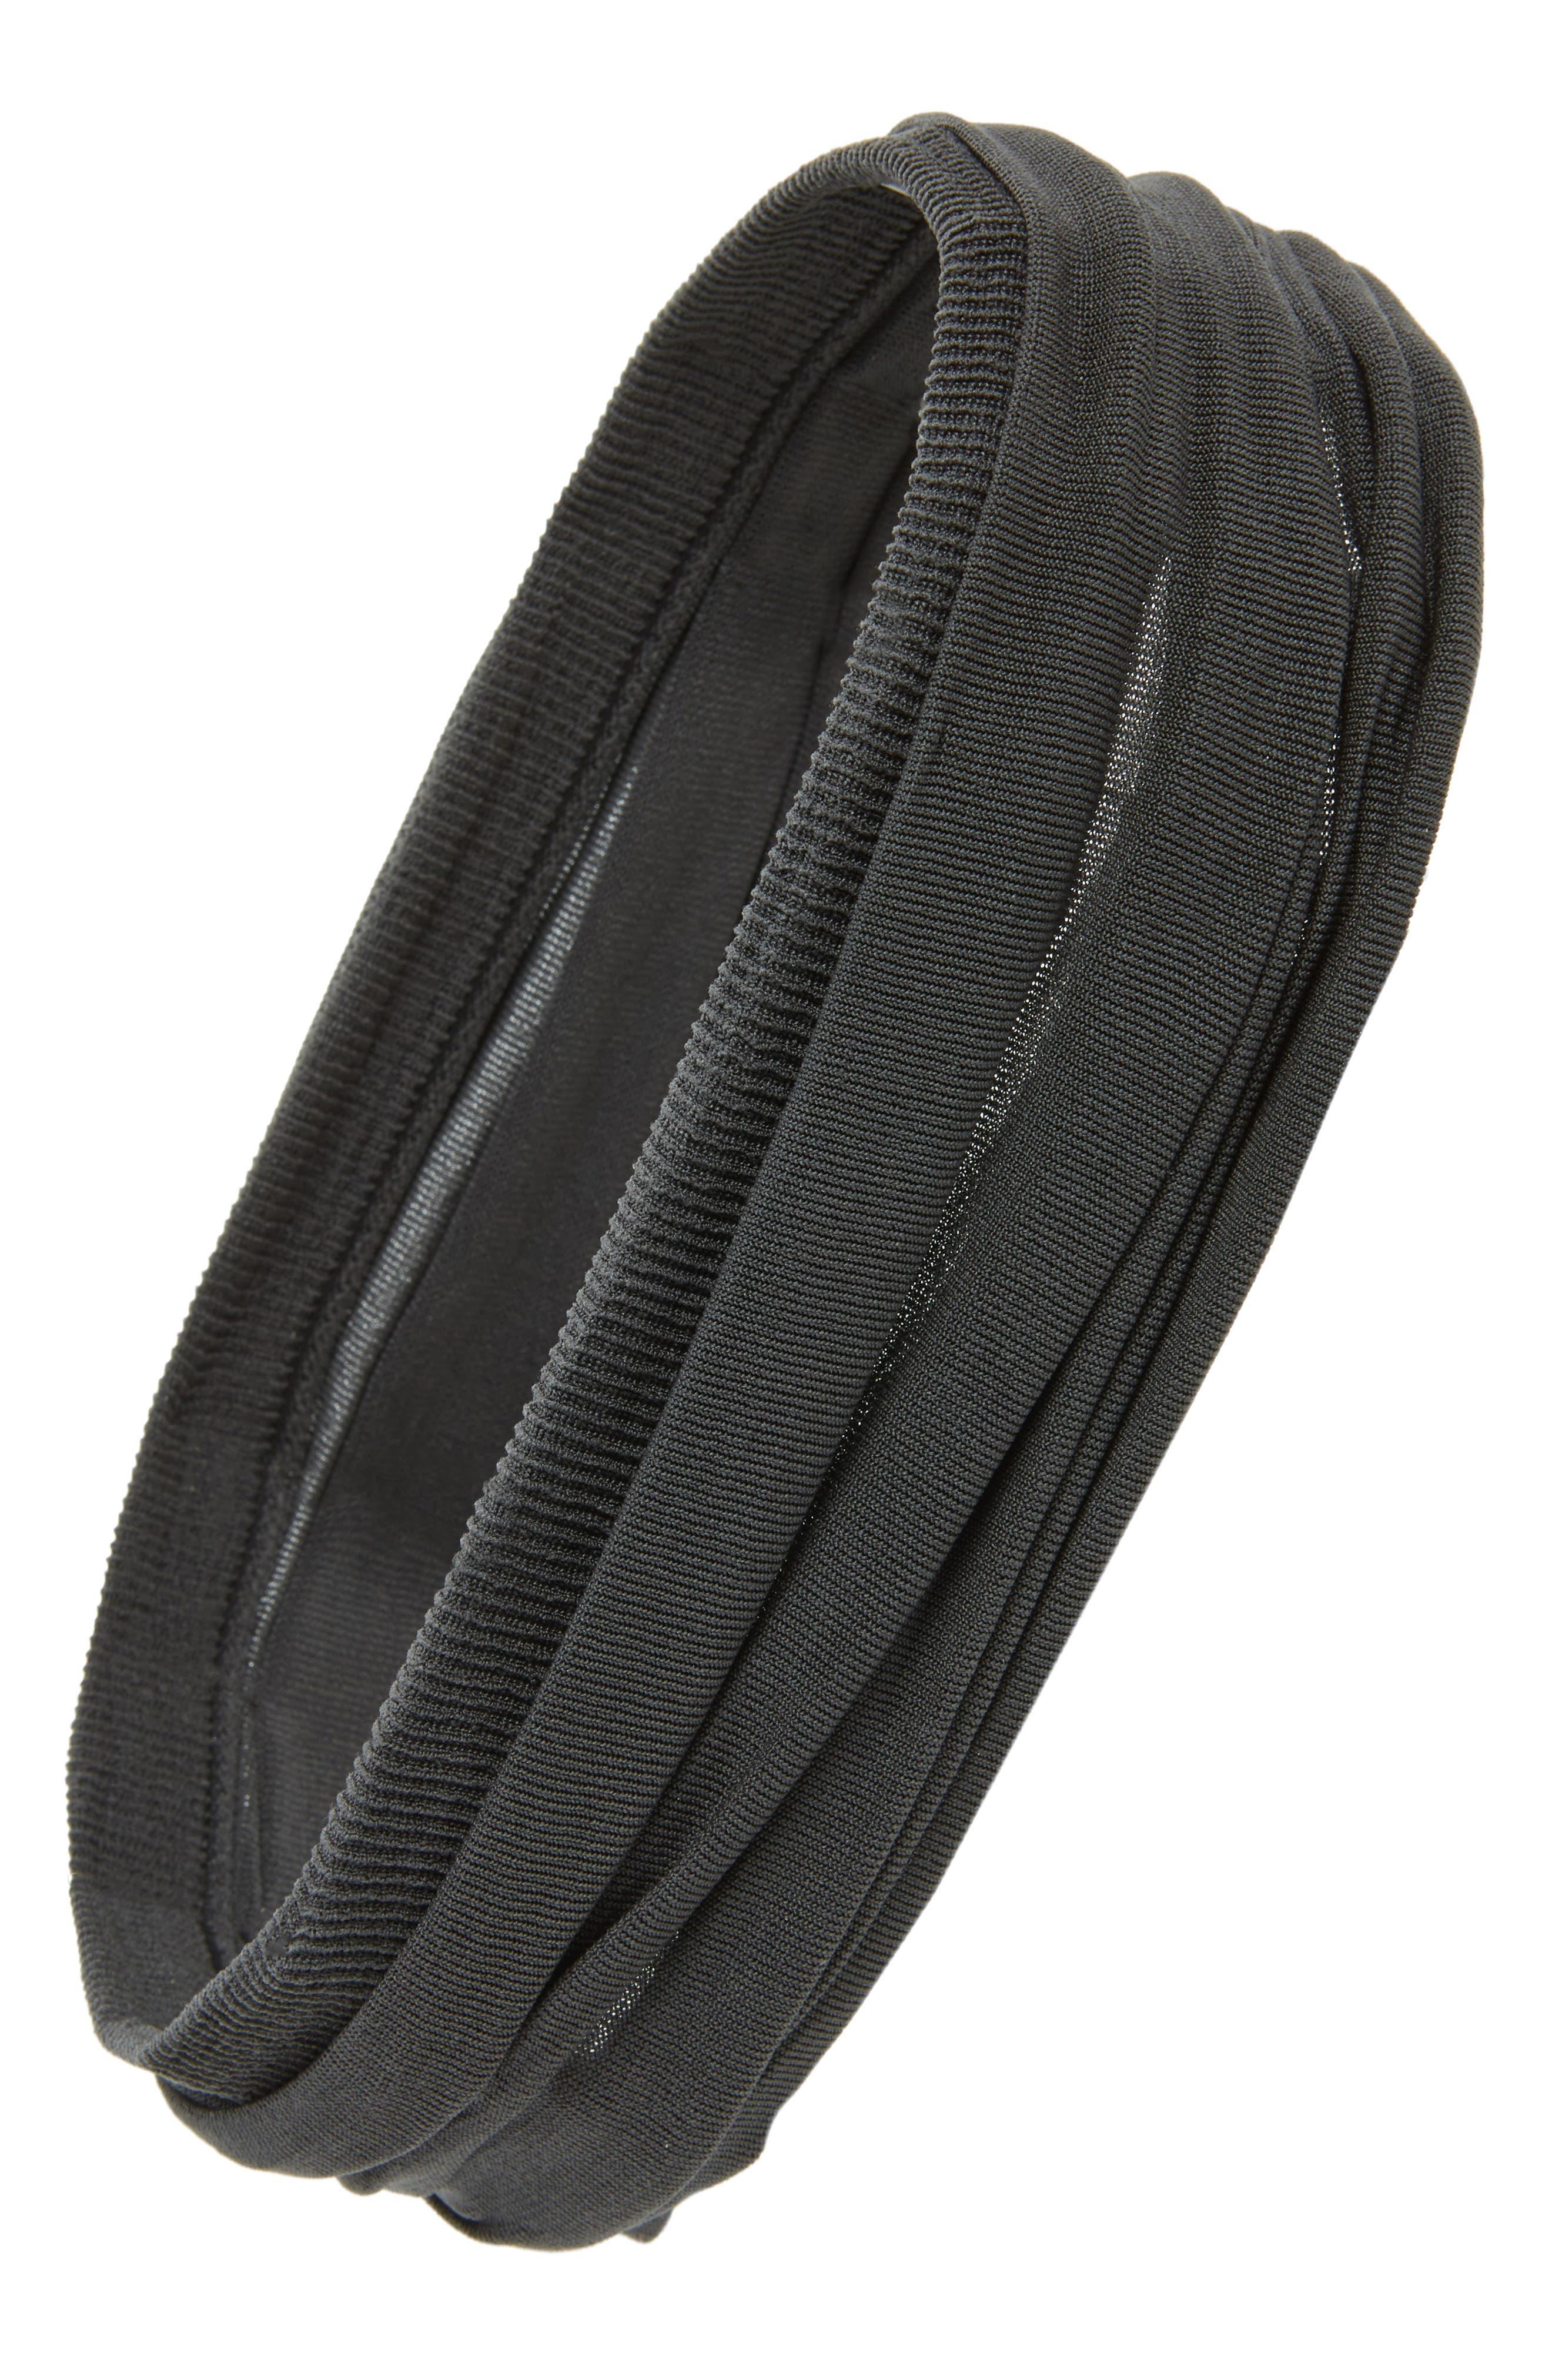 Relaxed Turban Headband,                         Main,                         color, 021